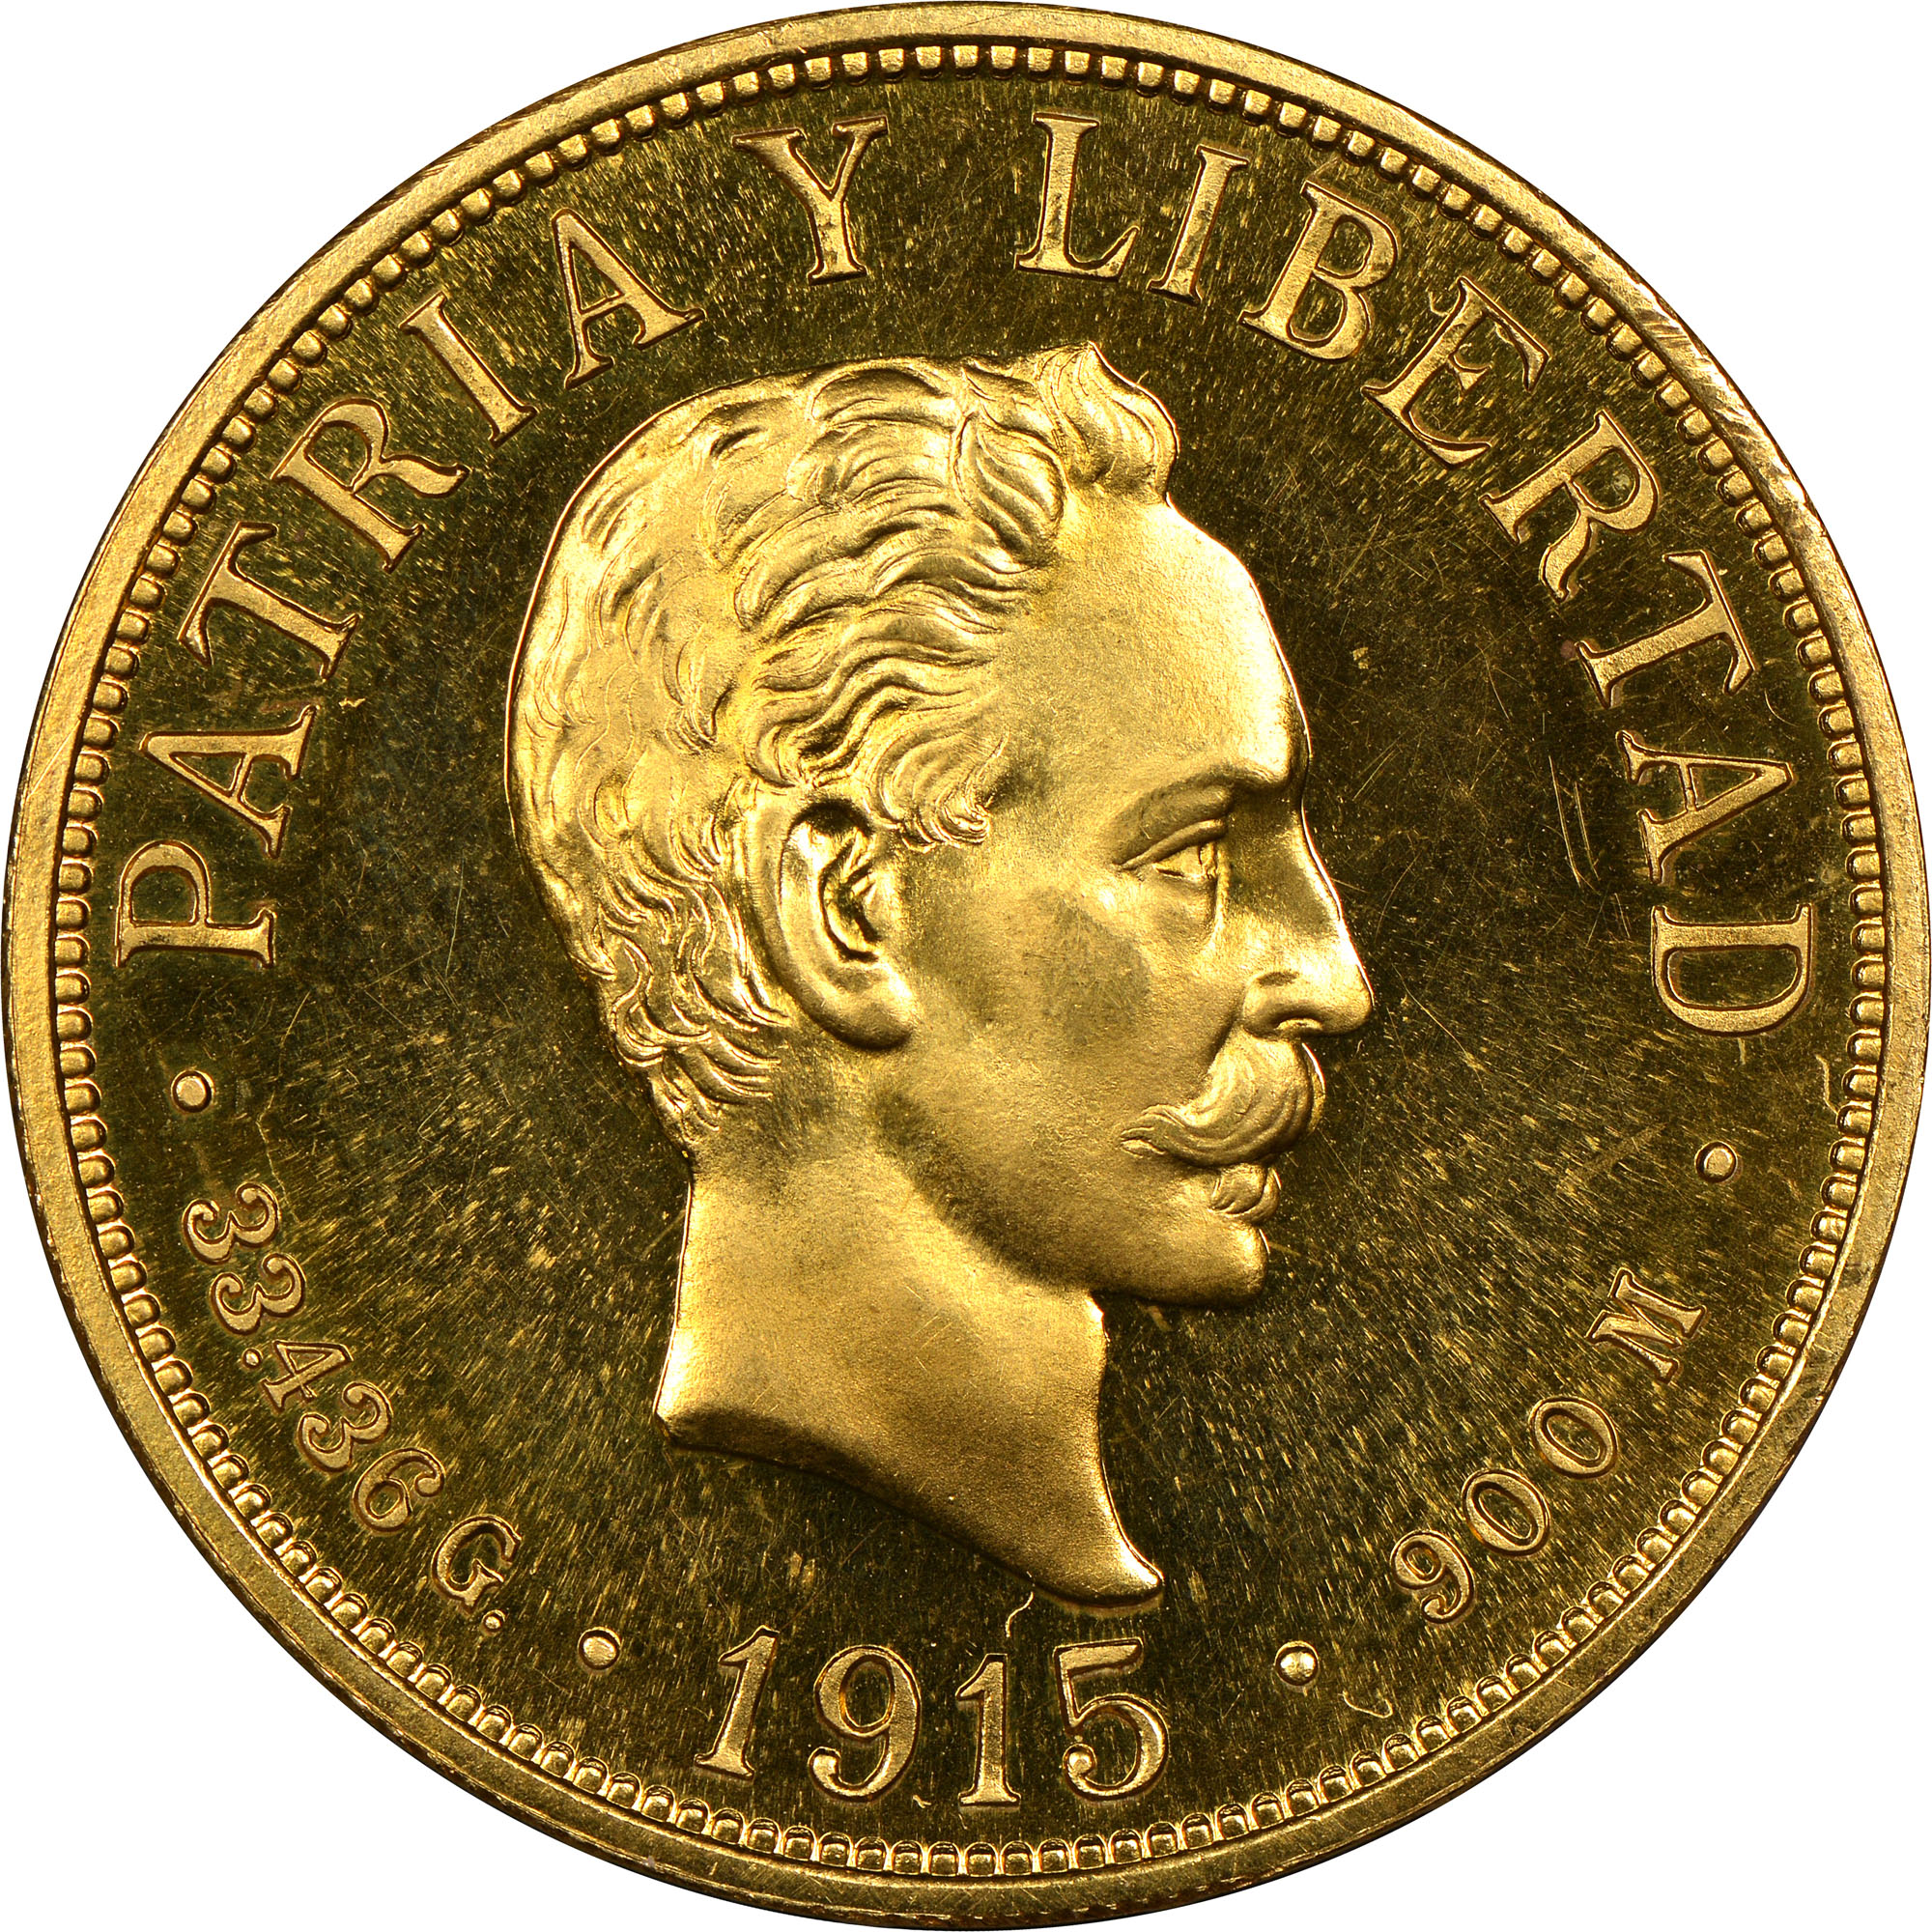 1915-1916 Cuba 20 Pesos obverse